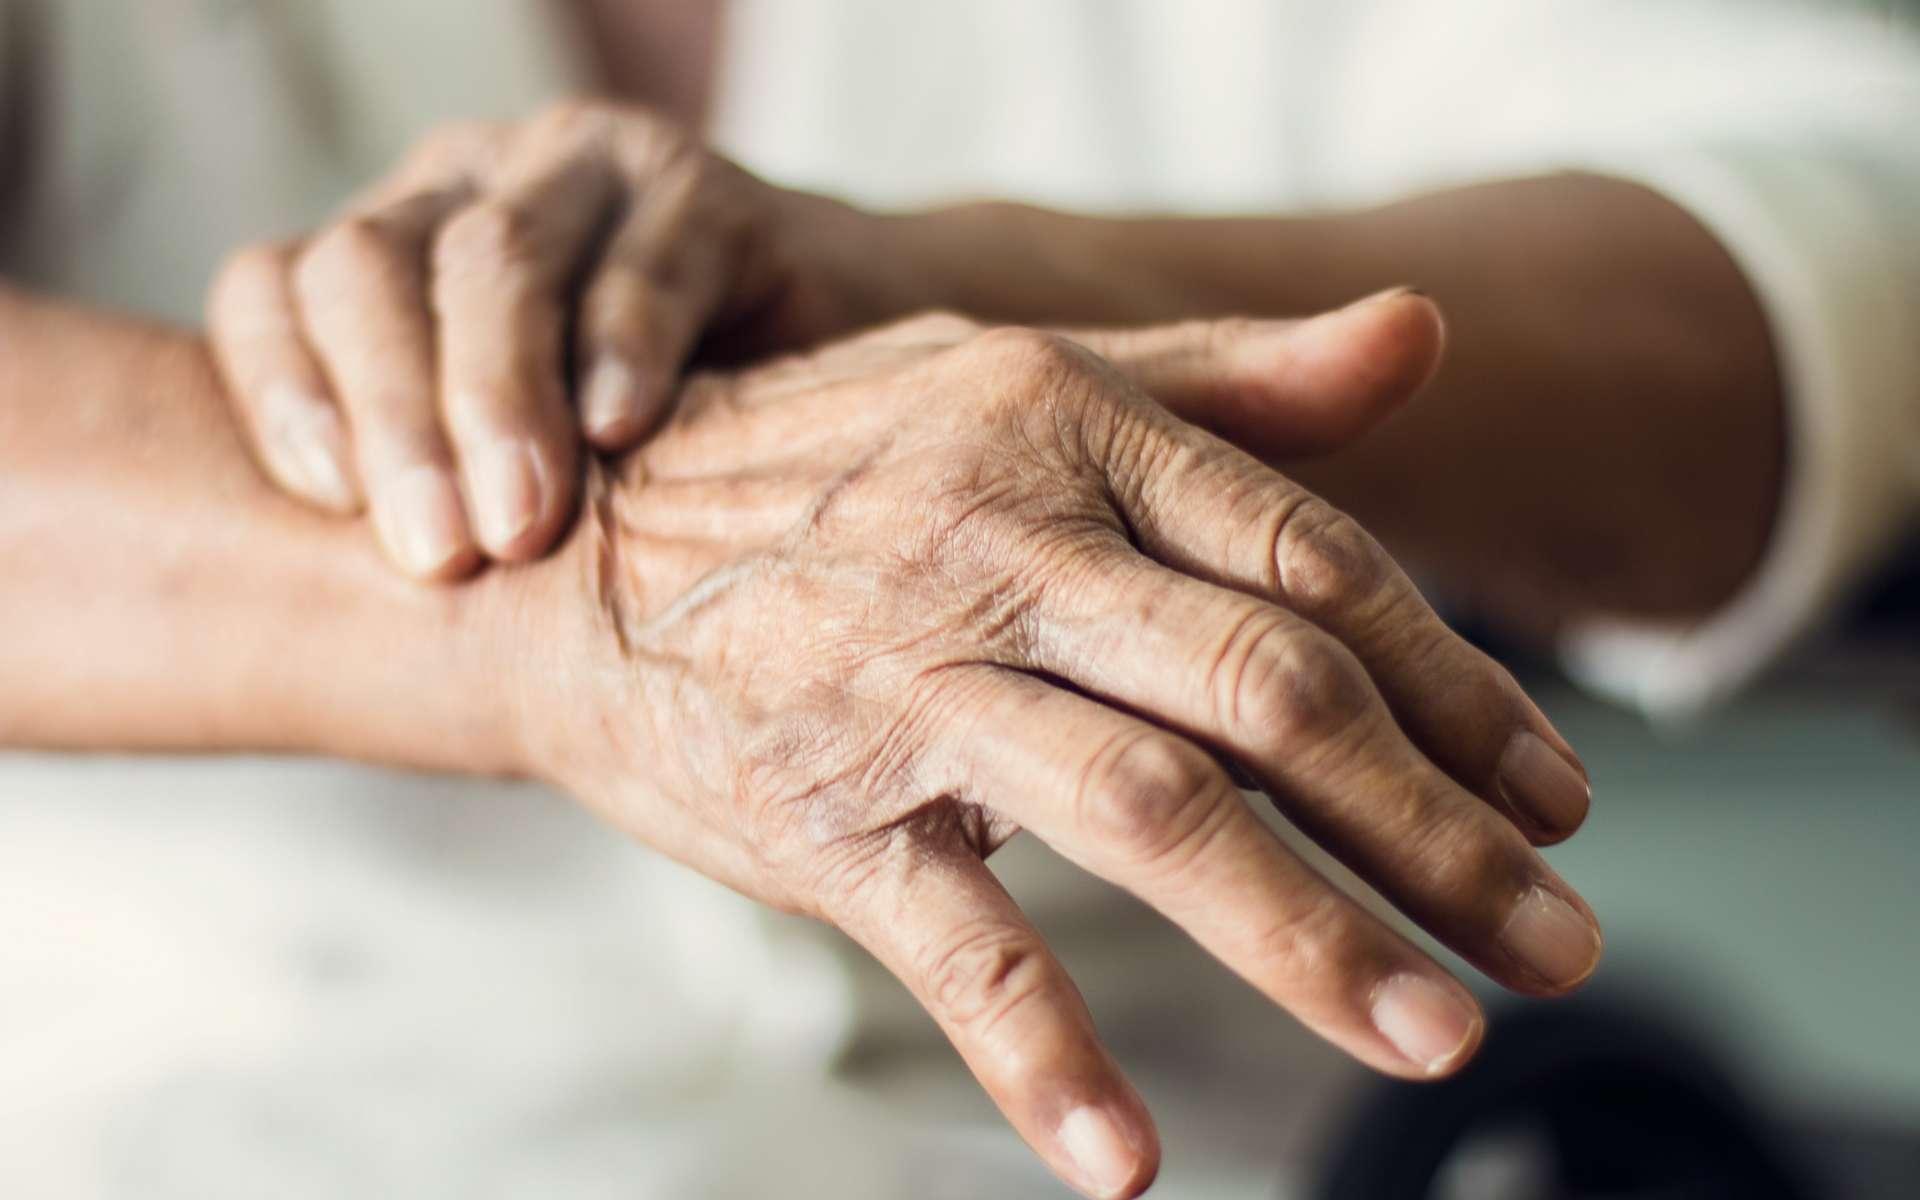 Les tremblements sont l'un des symptômes caractéristiques de la maladie de Parkinson. © Ipopba, Adobe Stock